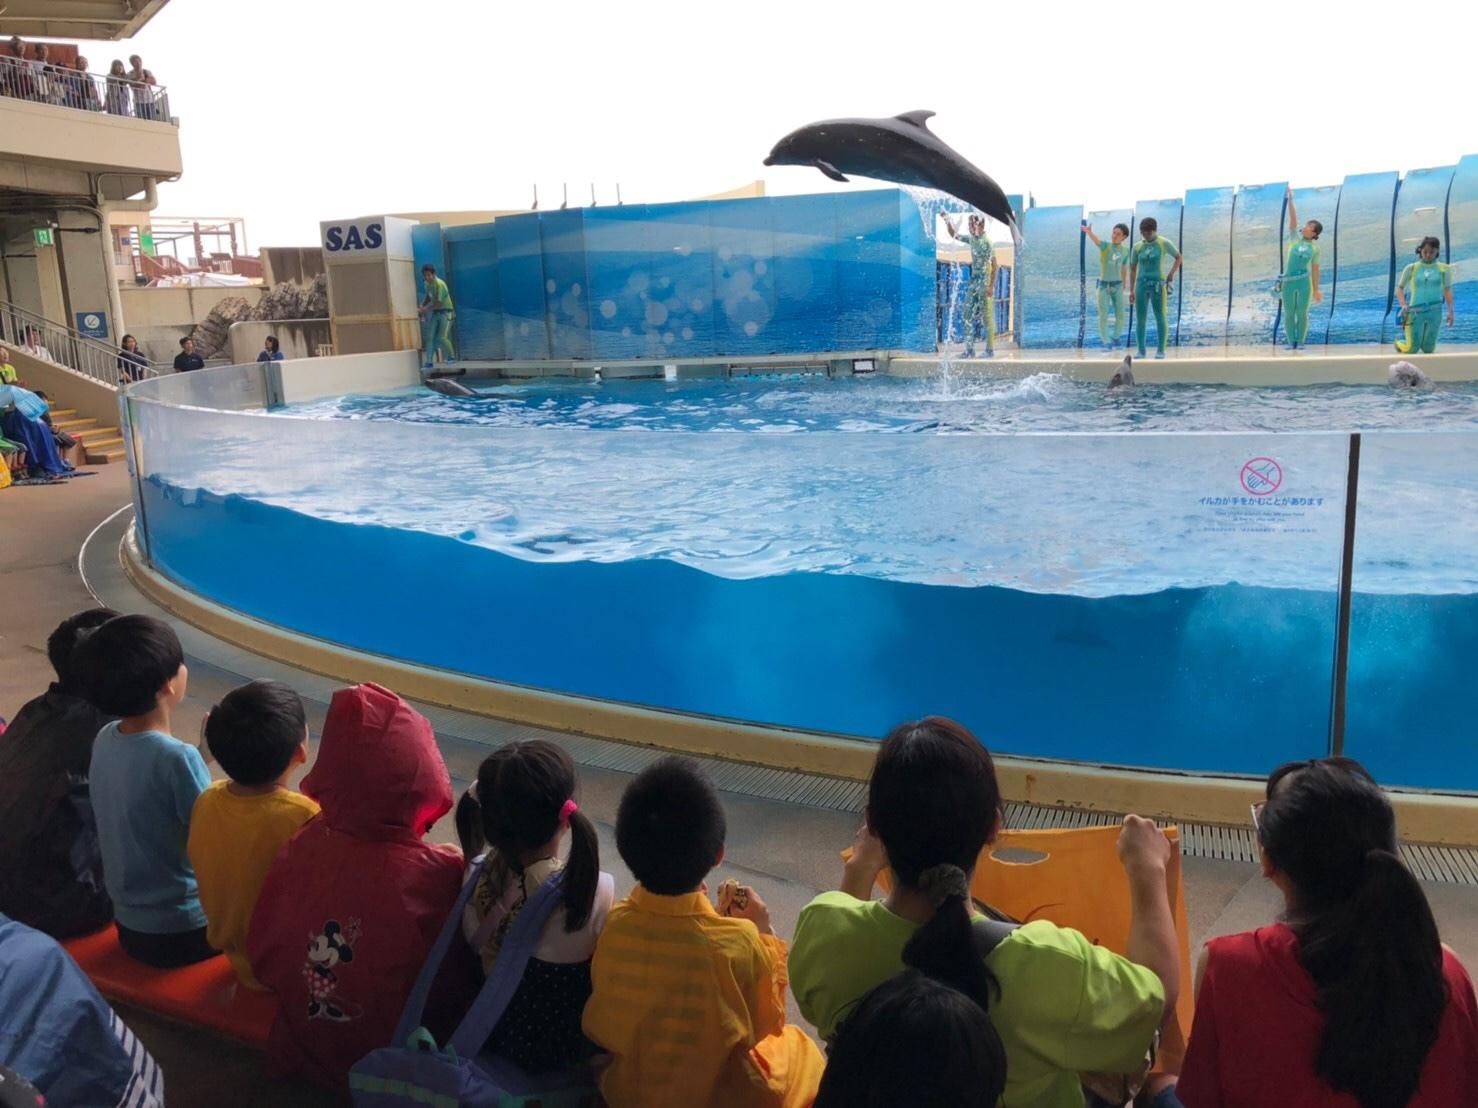 新江ノ島水族館・ドッチボール大会_e0131910_09523249.jpg